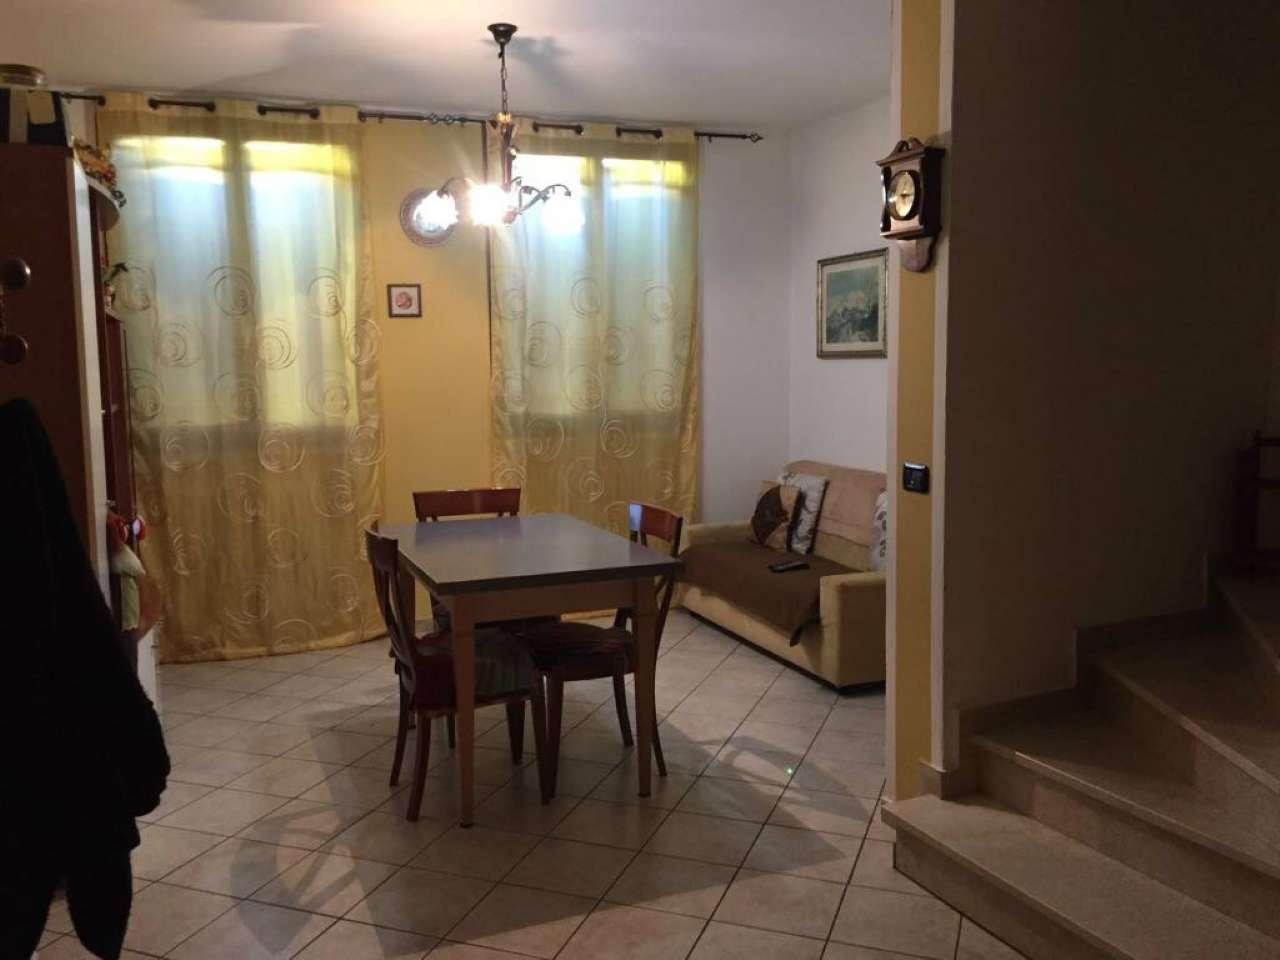 Palazzo / Stabile in vendita a Brescello, 4 locali, prezzo € 99.000 | CambioCasa.it